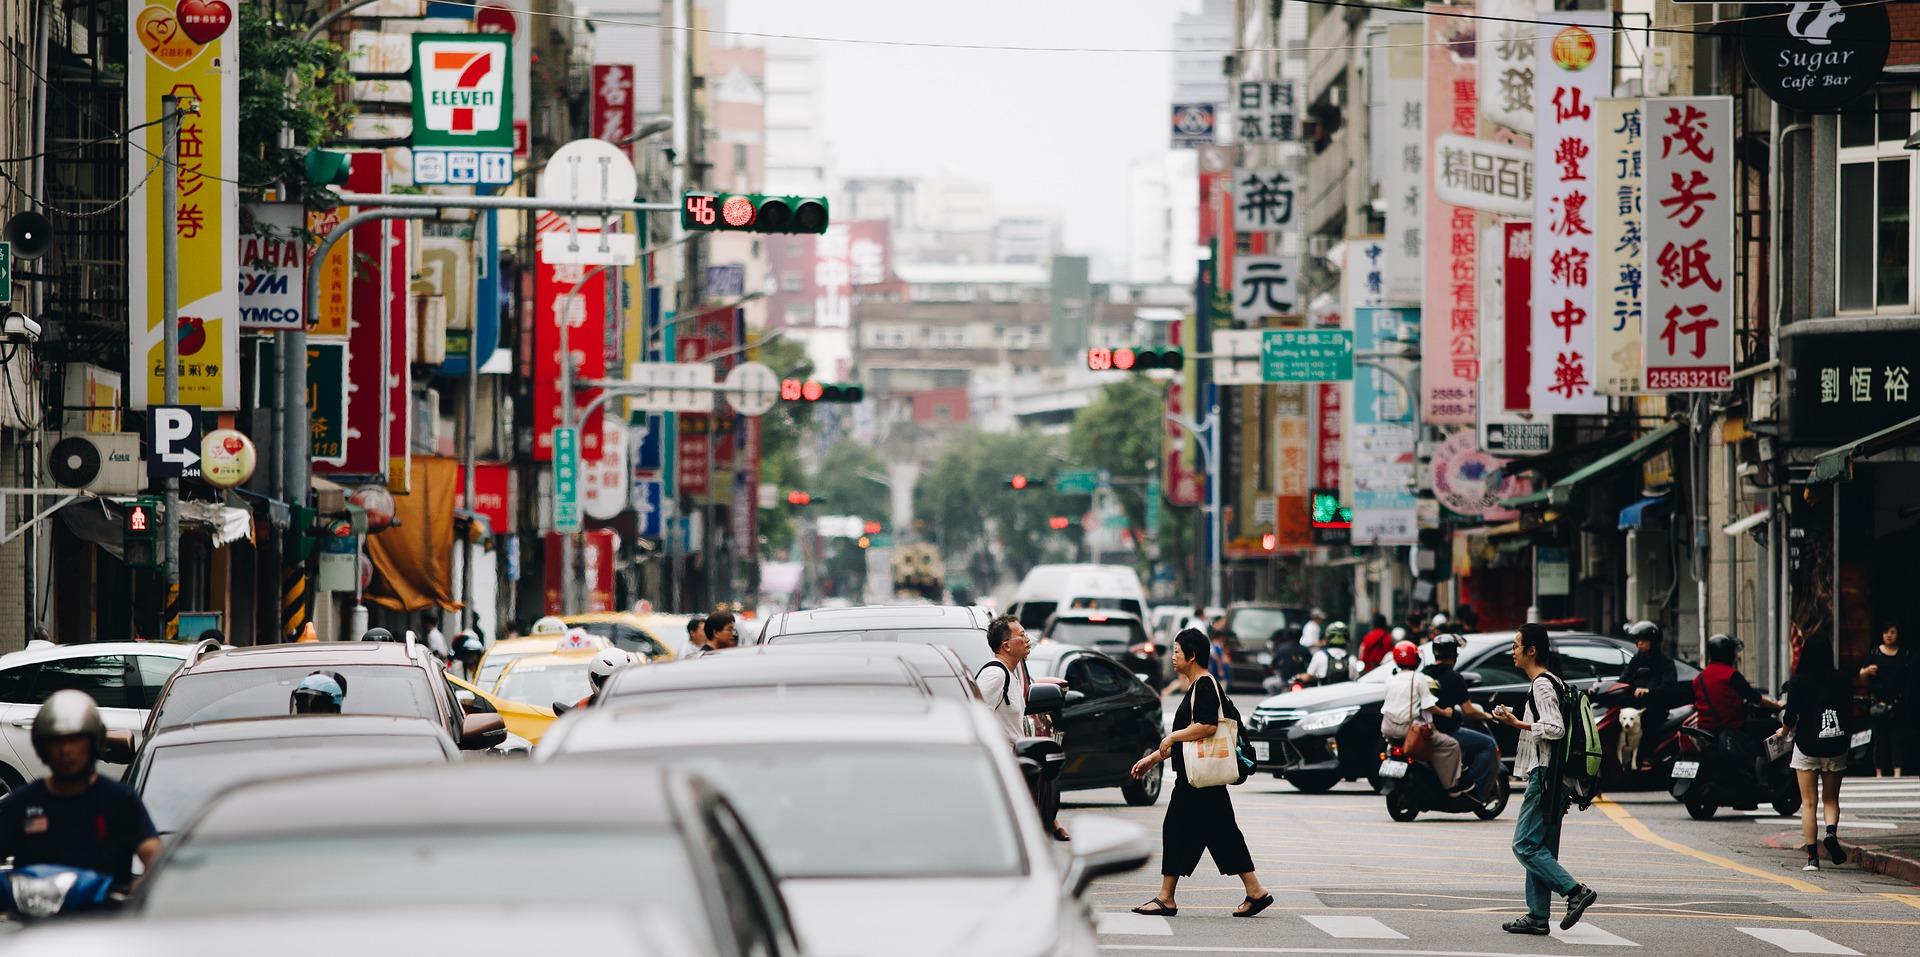 Yamato transport Blog Taiwan